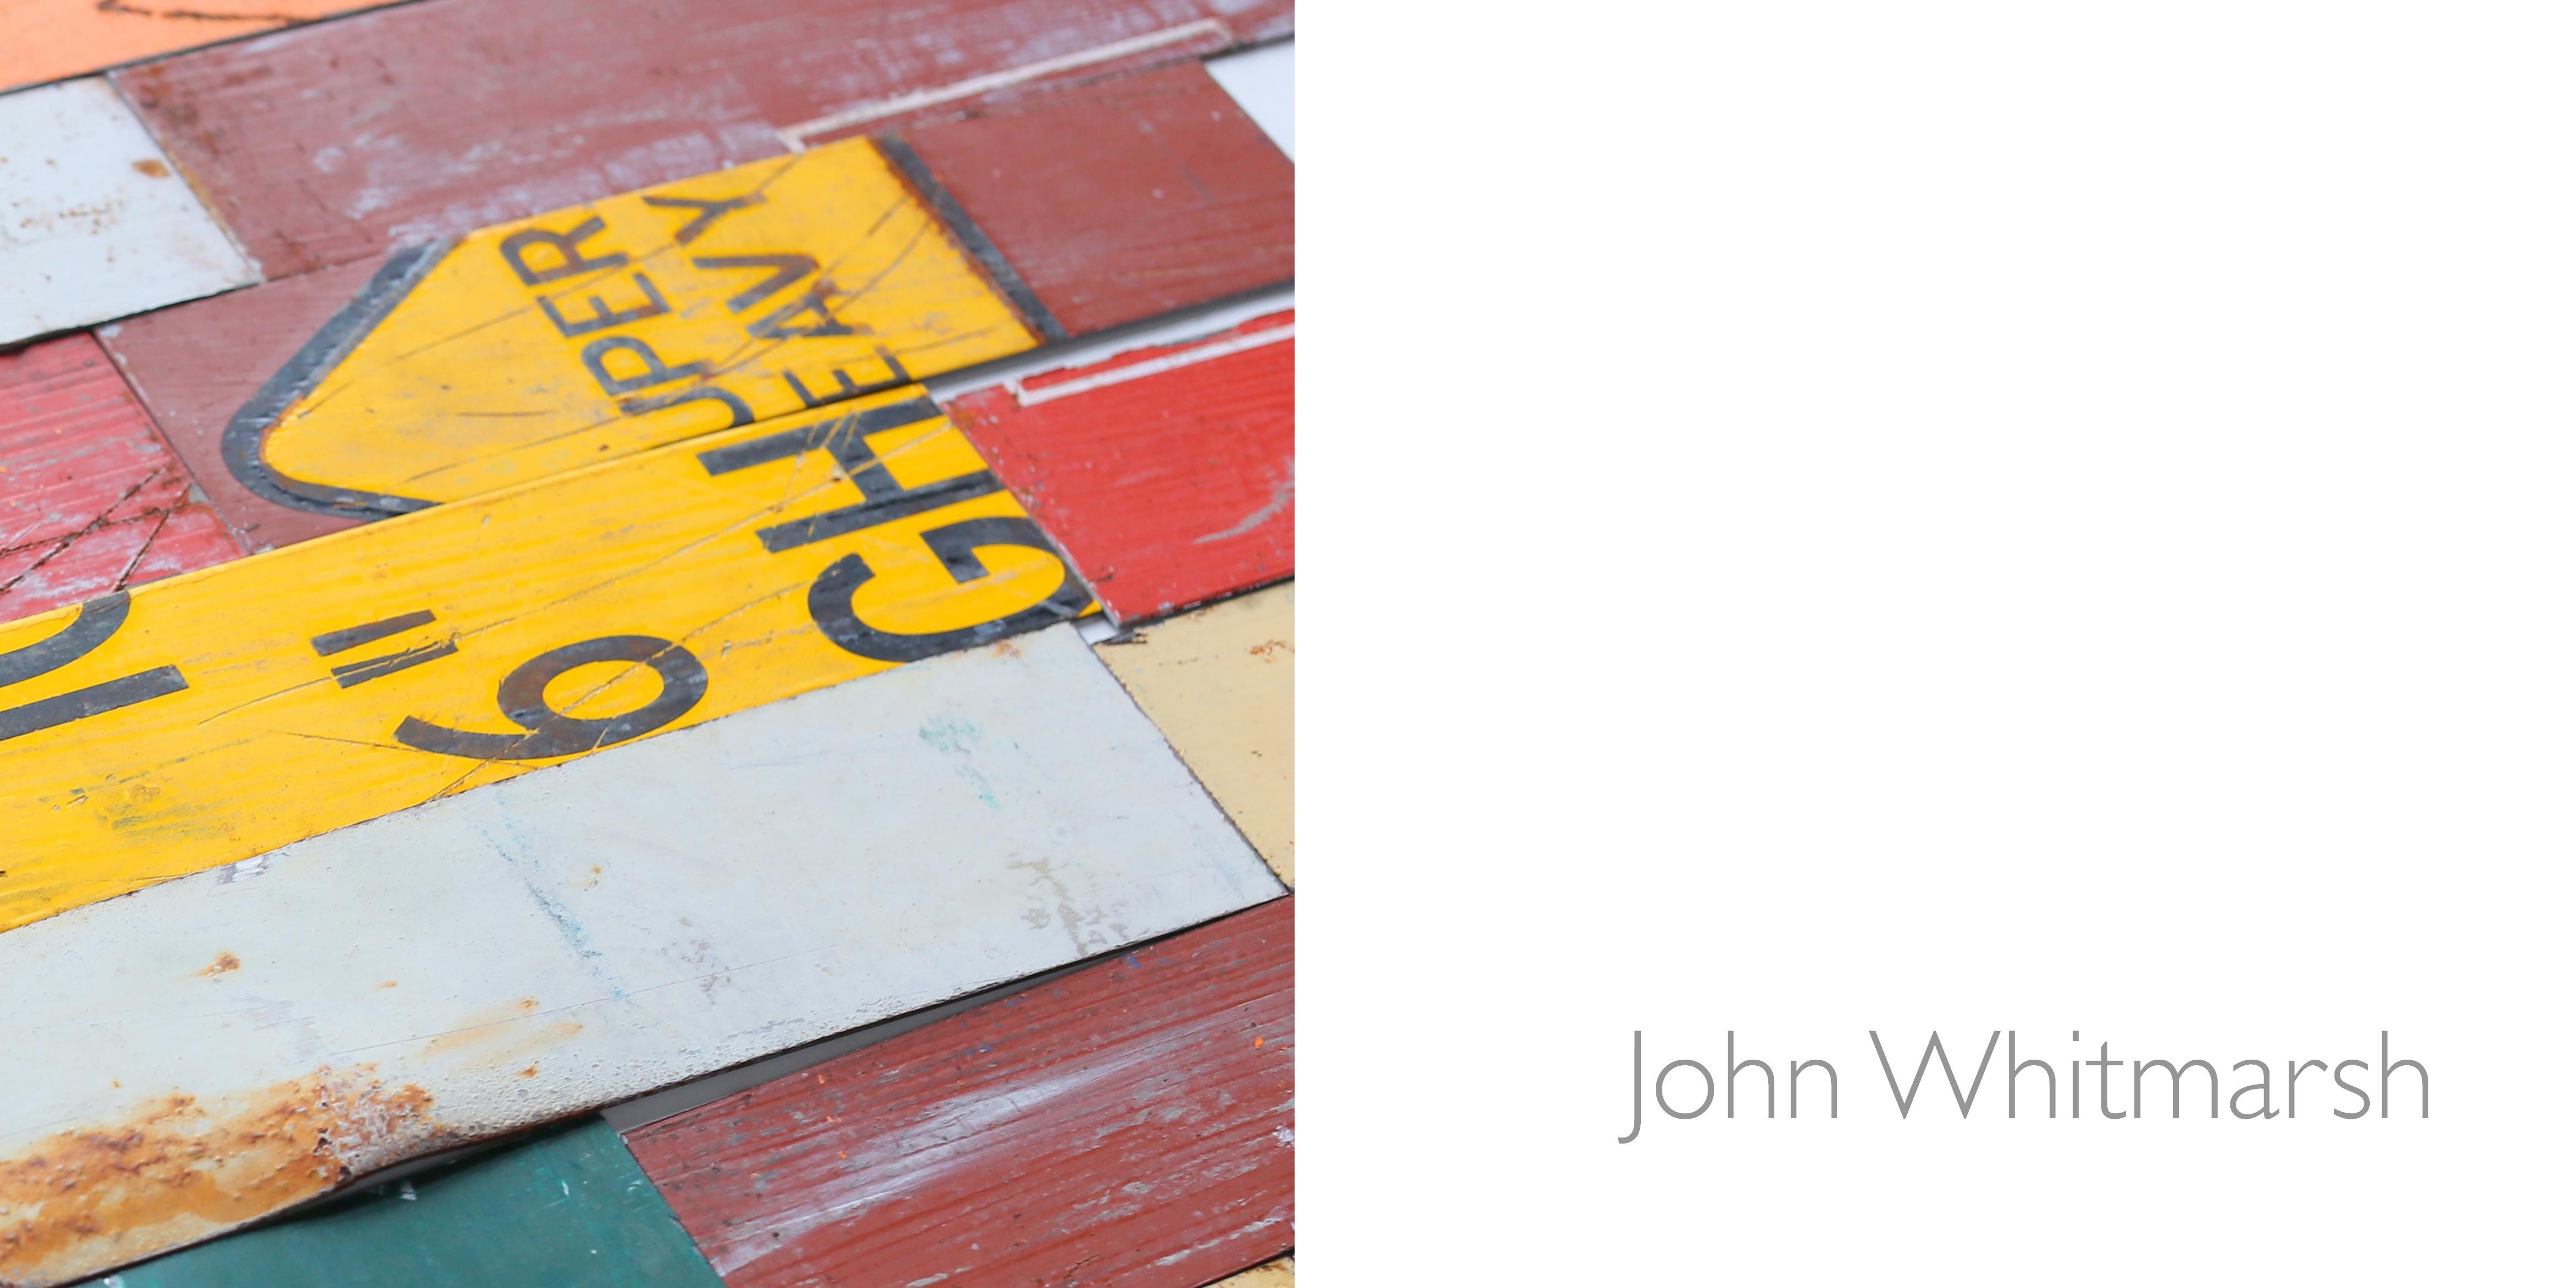 john_whitmarsh_header.jpg